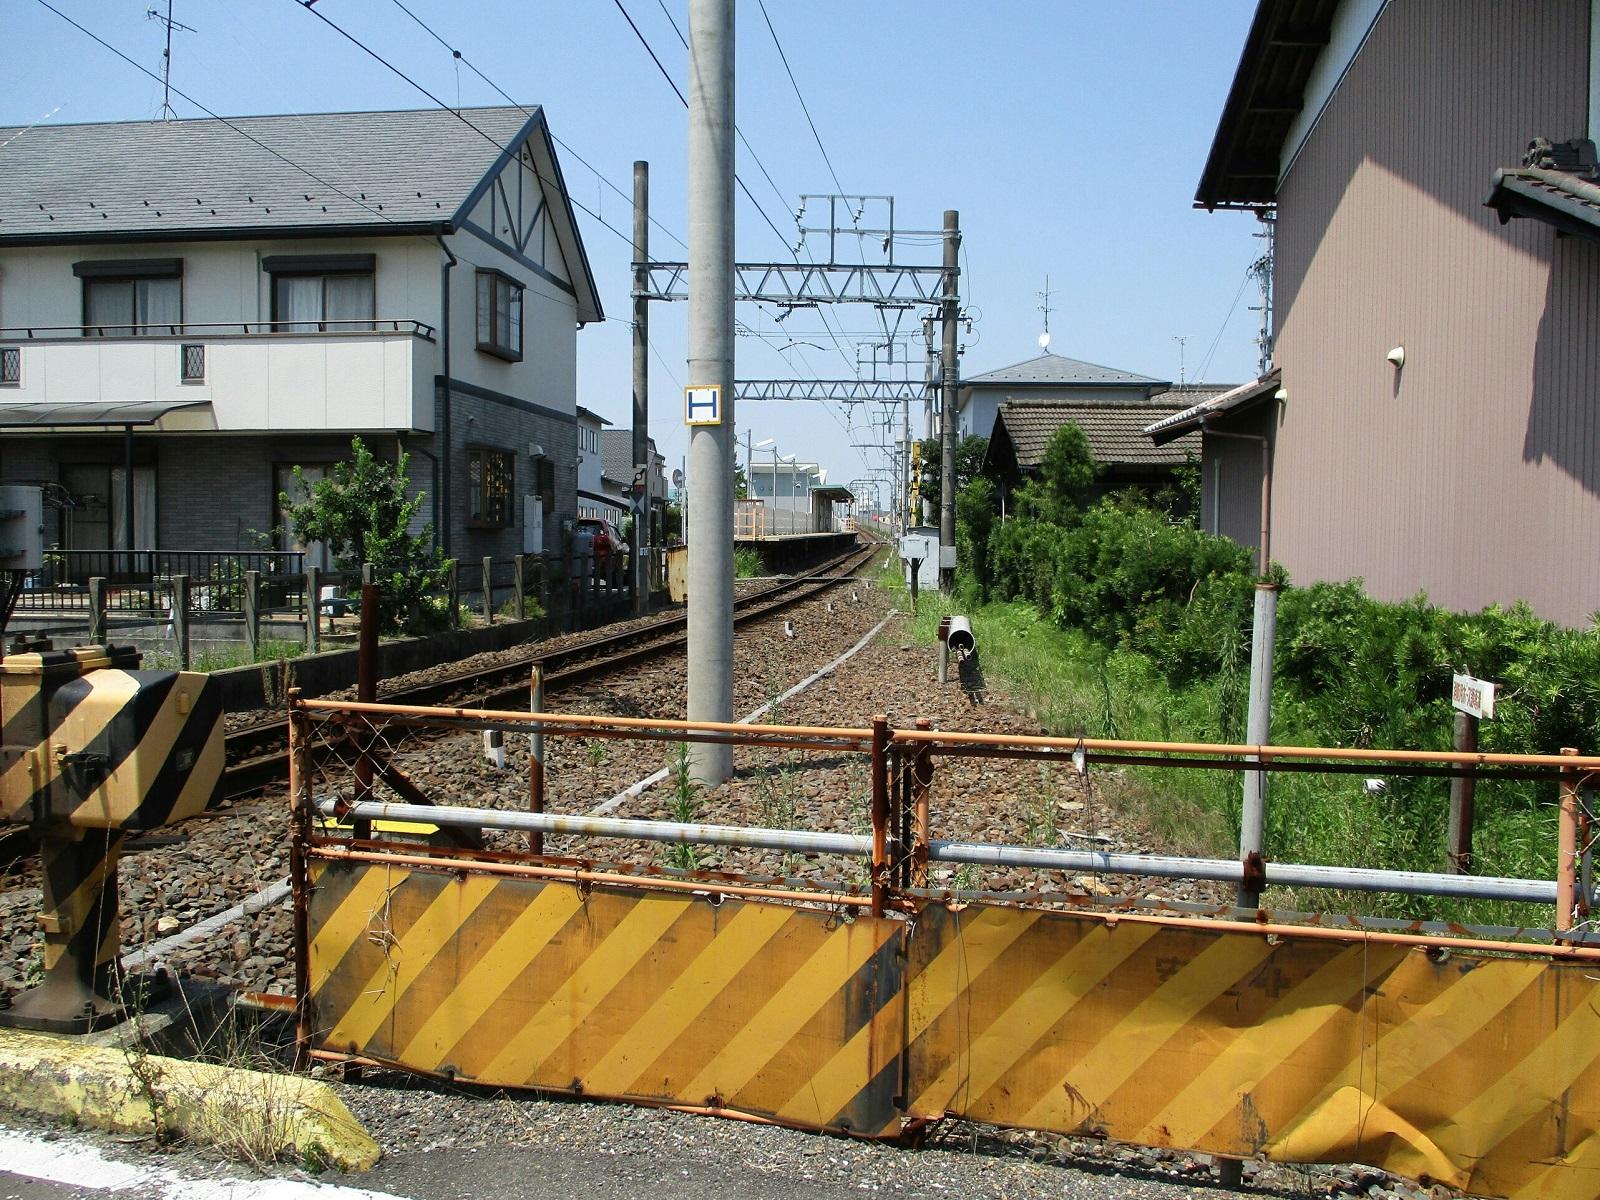 2018.7.18 (111) 江吉良みなみふみきりから江吉良をみる 1600-1200